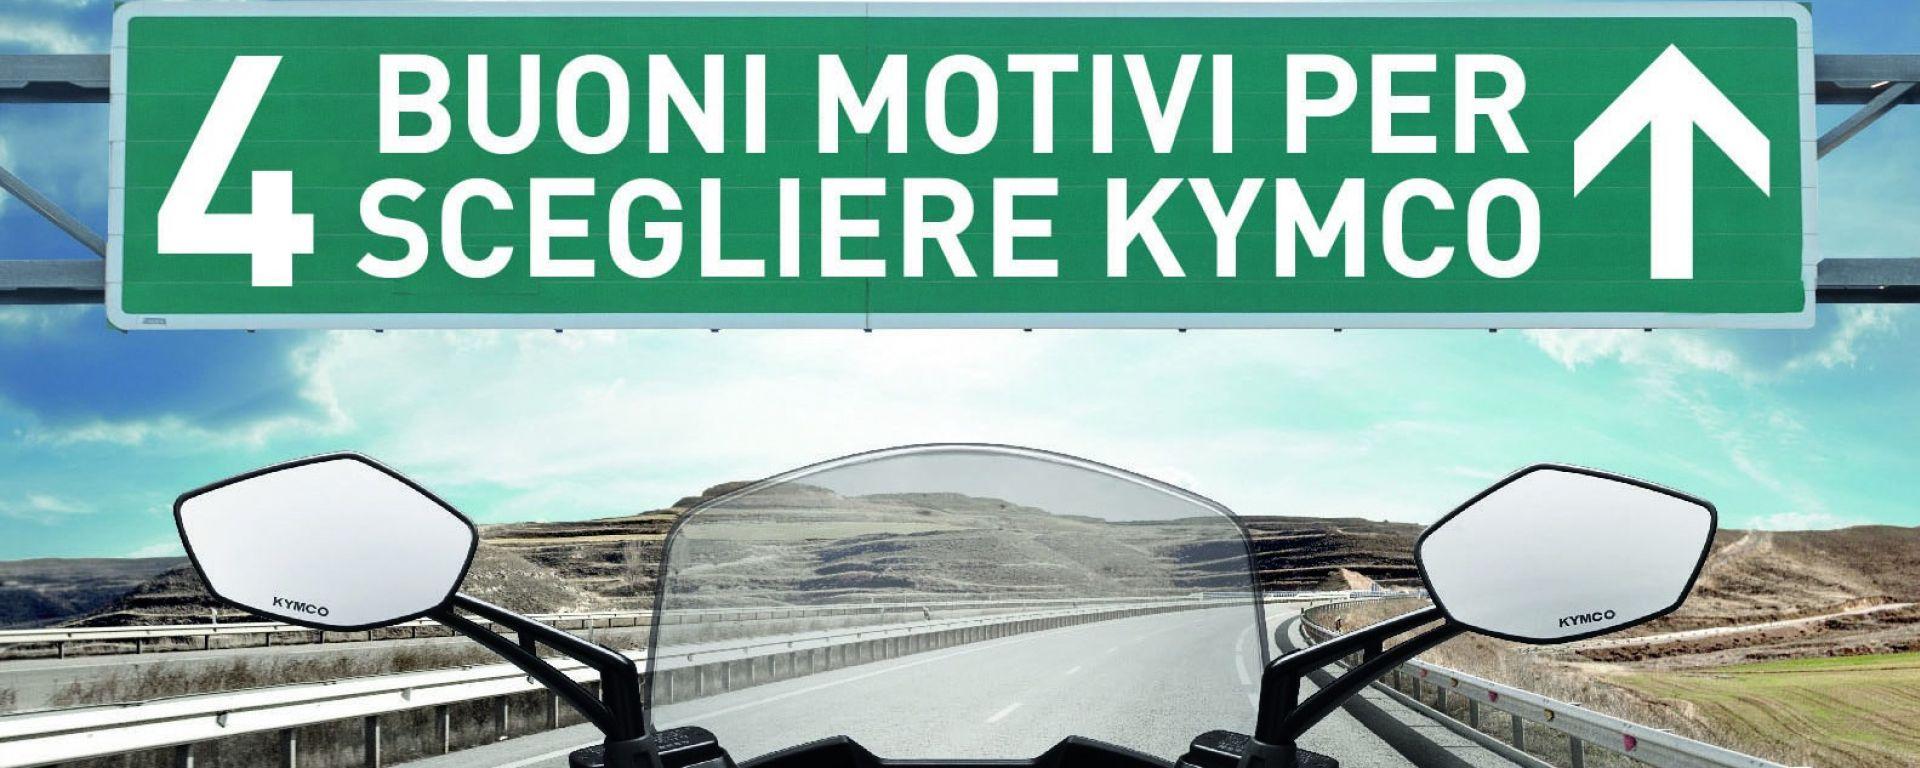 Quattro buoni motivi per scegliere Kymco